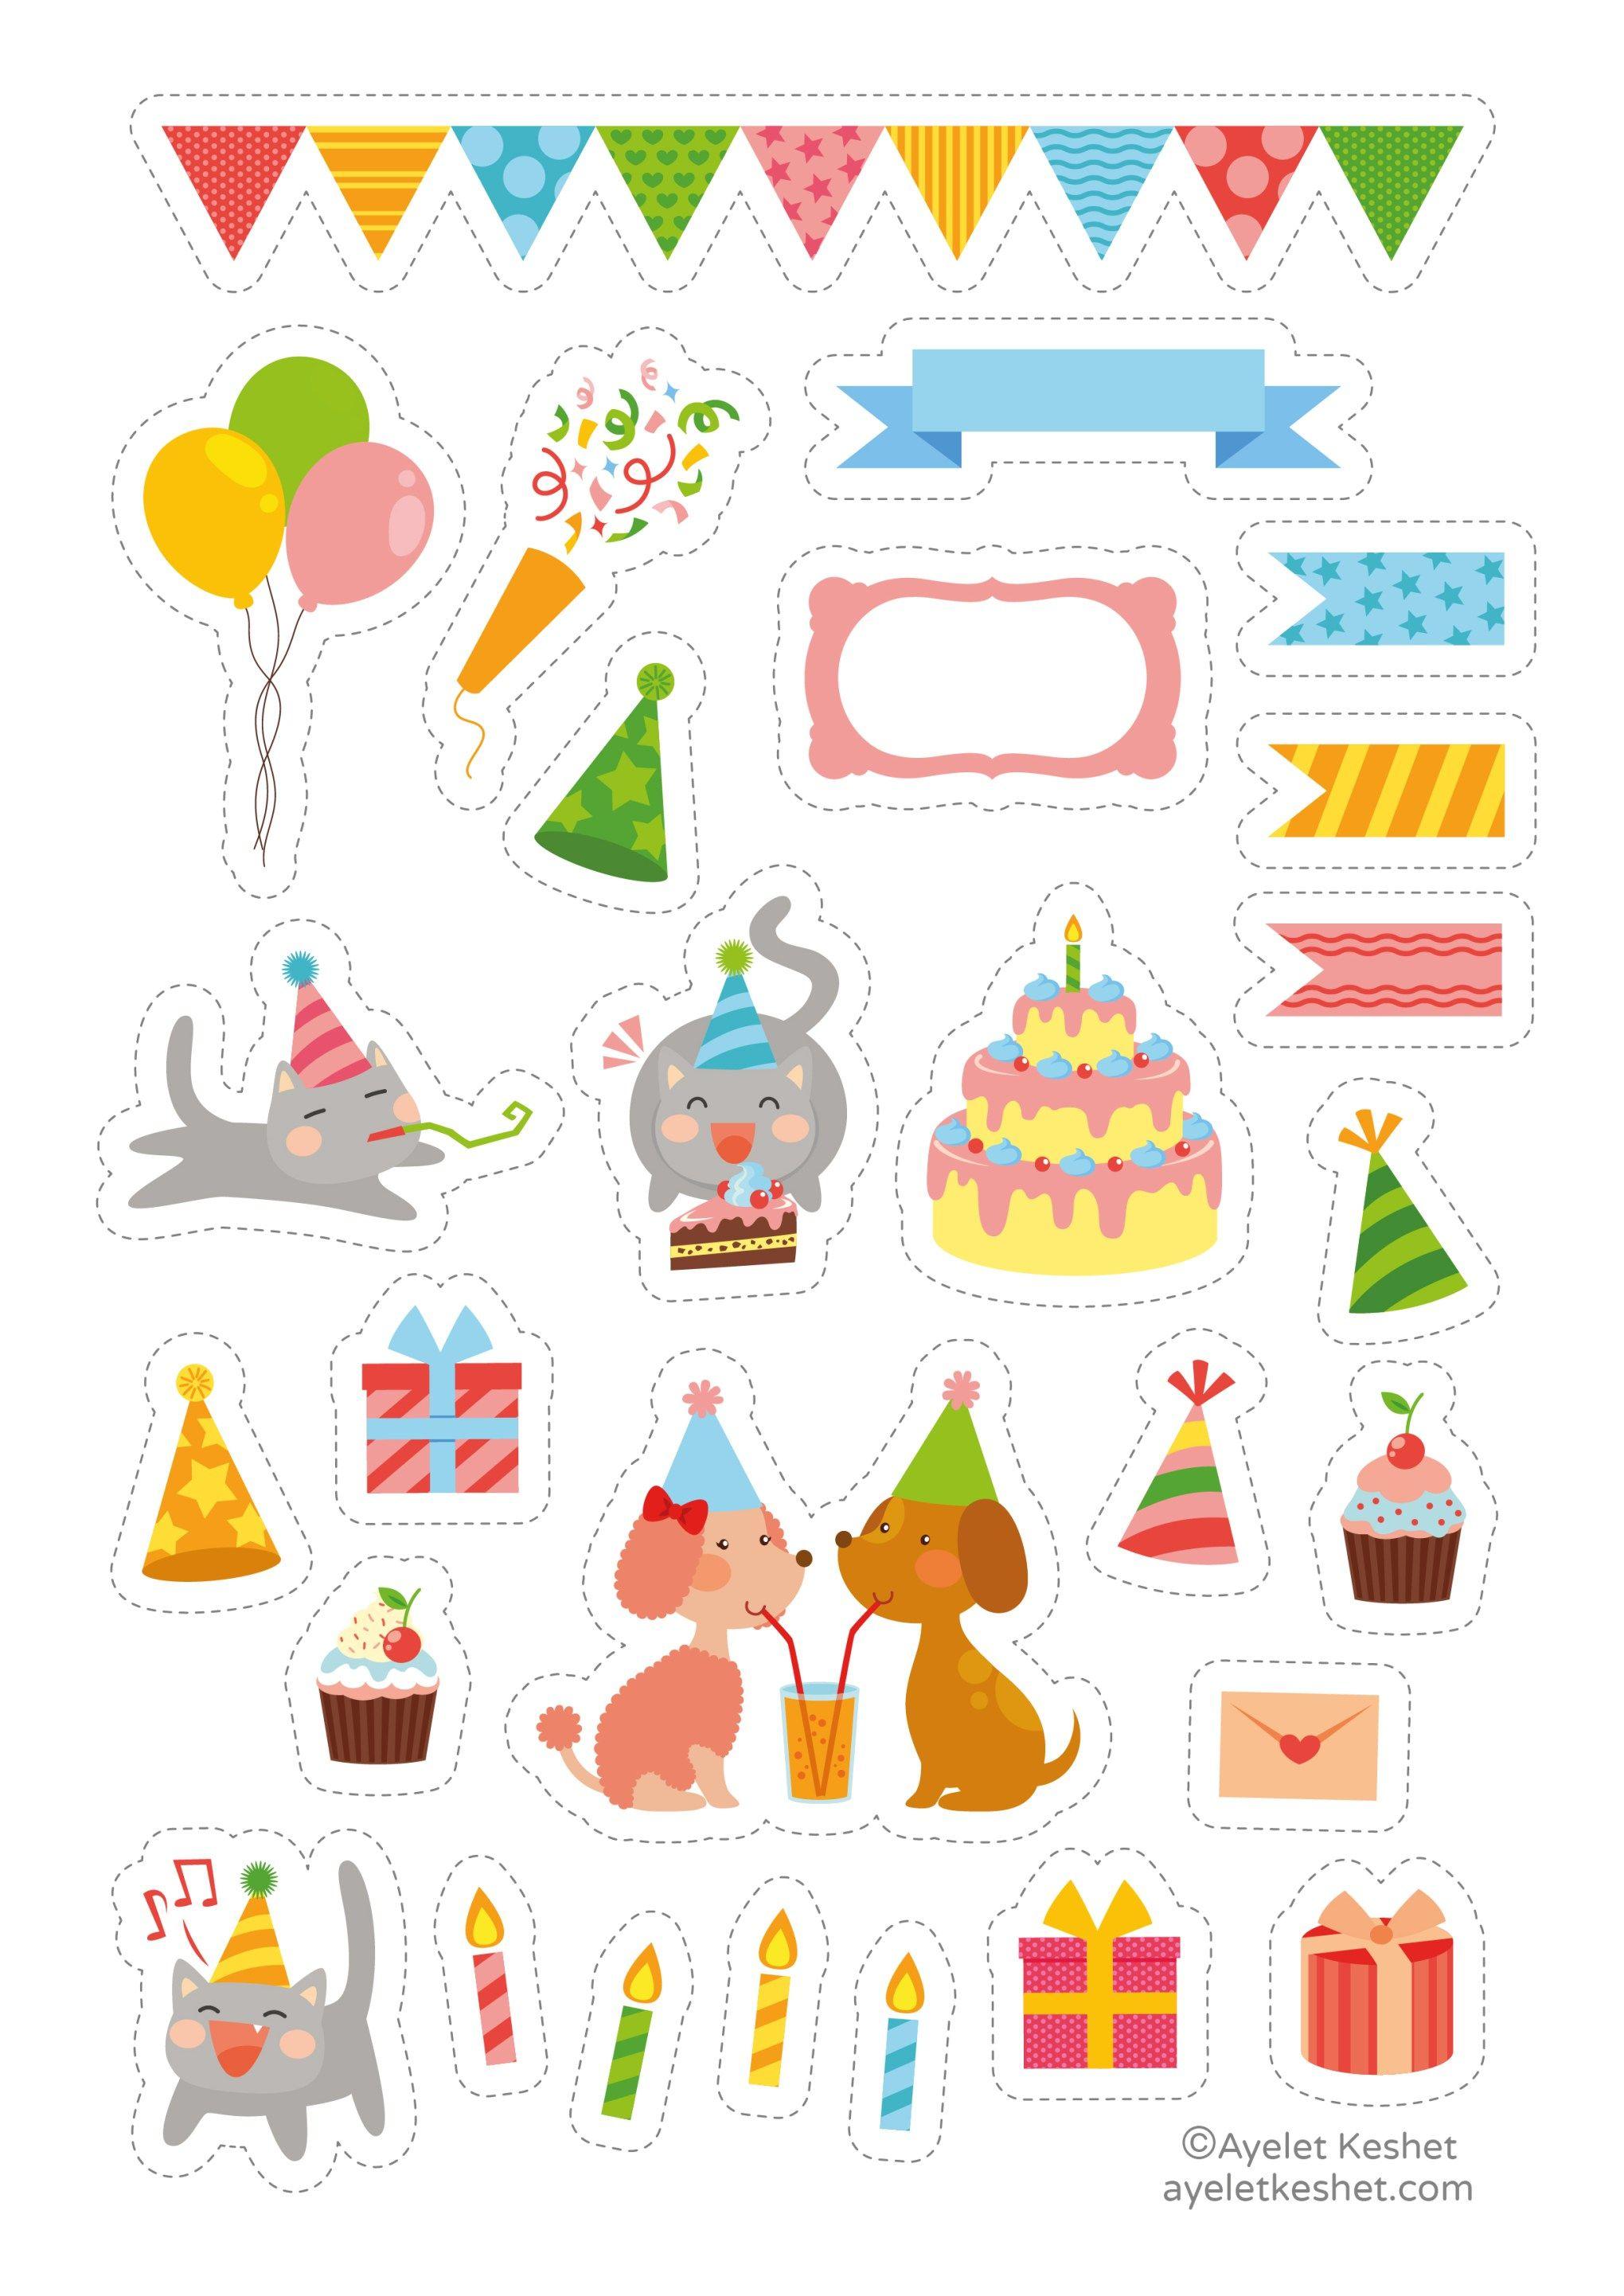 Free Printable Stickers Printable Stickers Free Printable